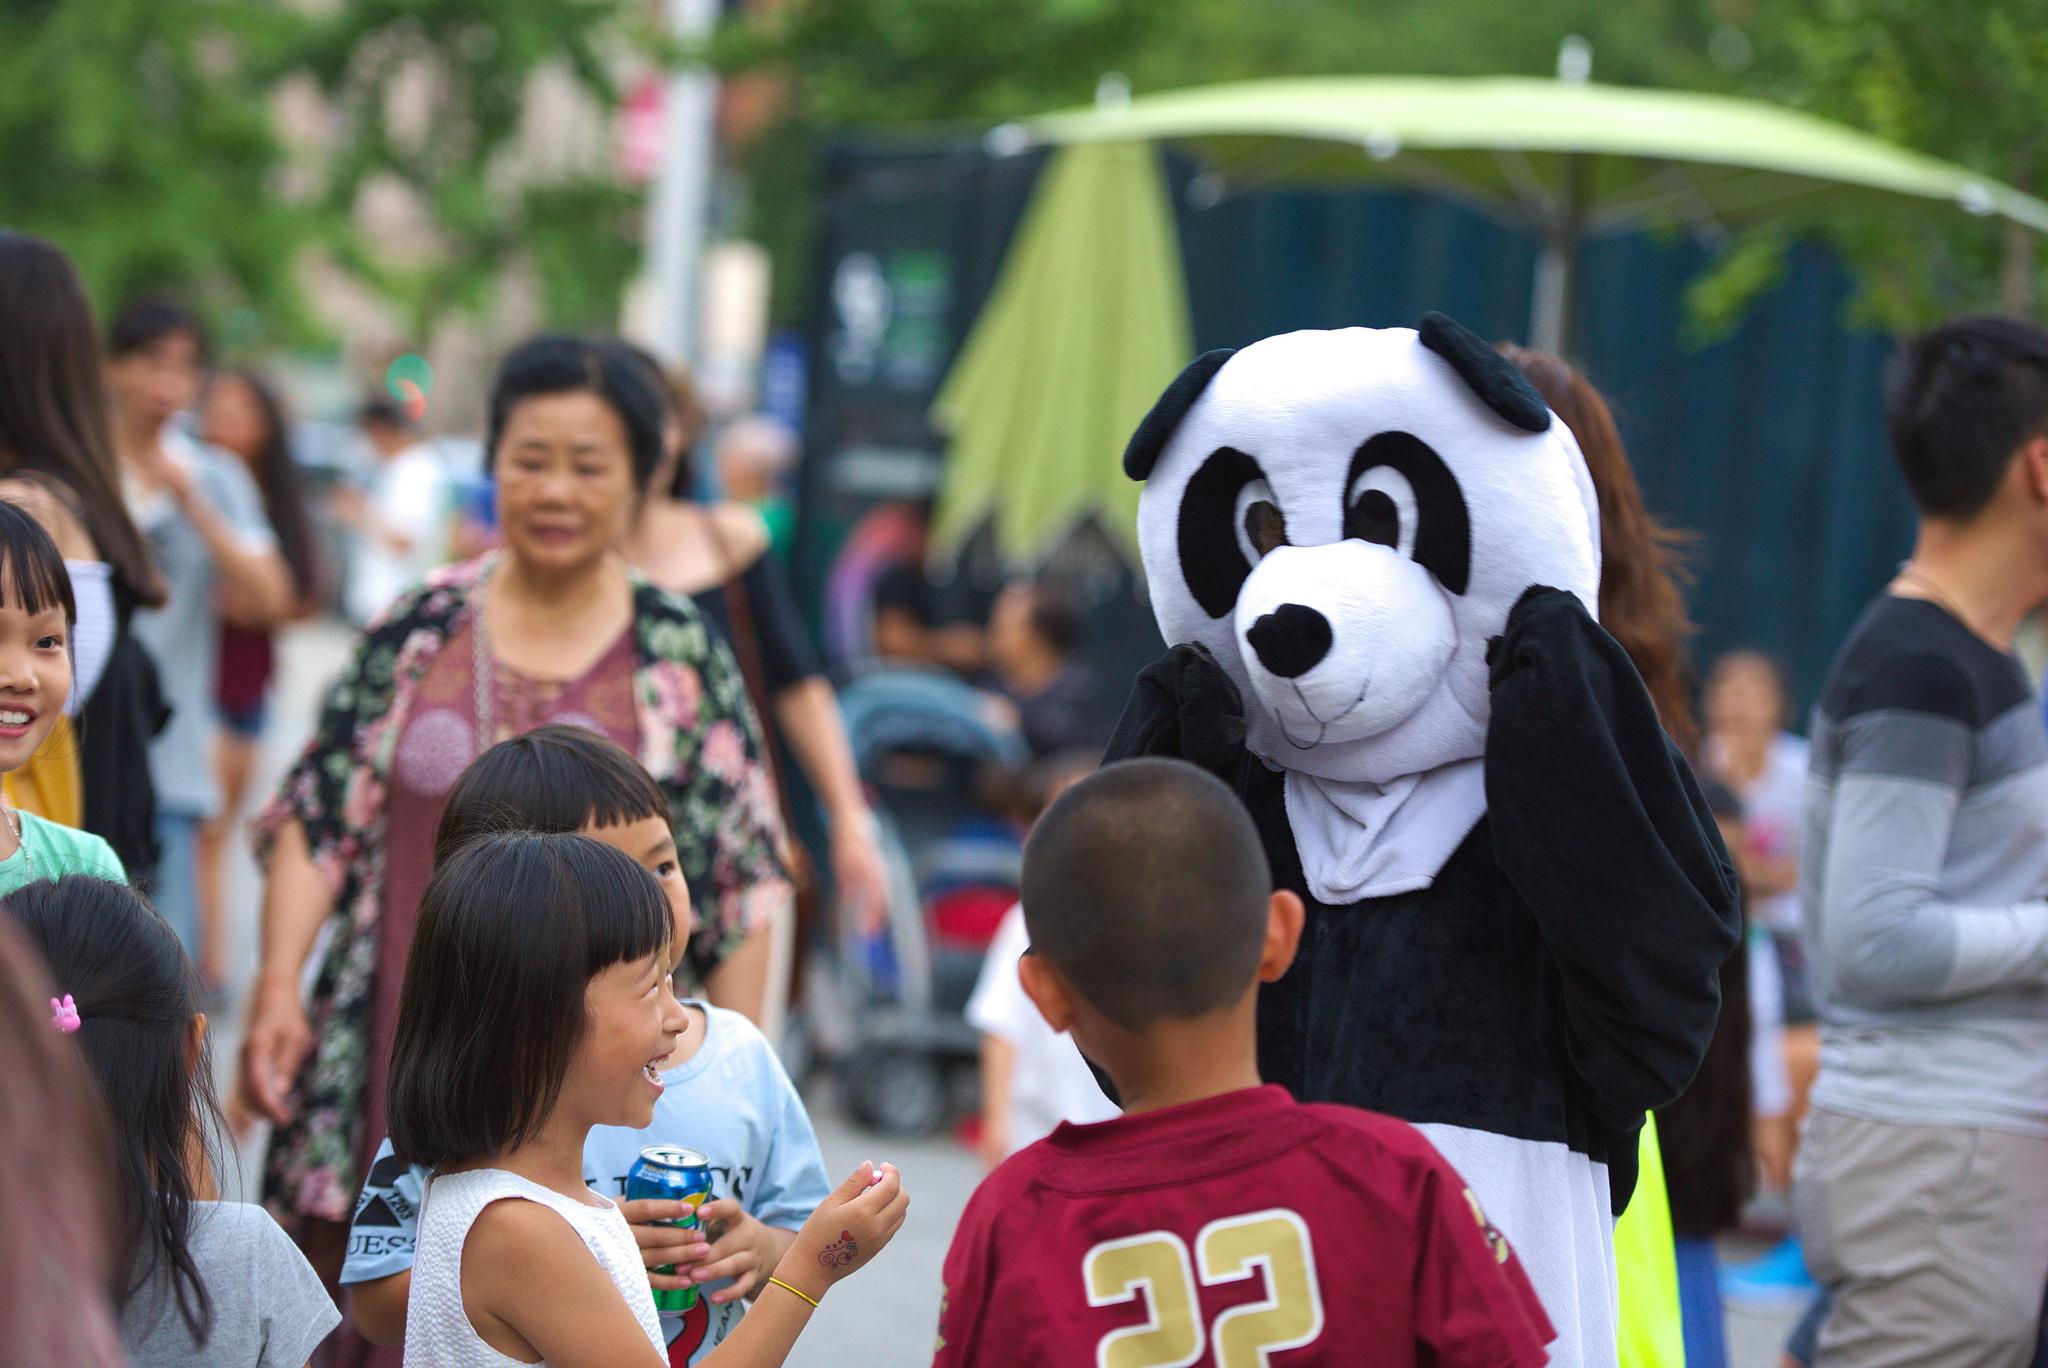 Kids_panda2.jpg